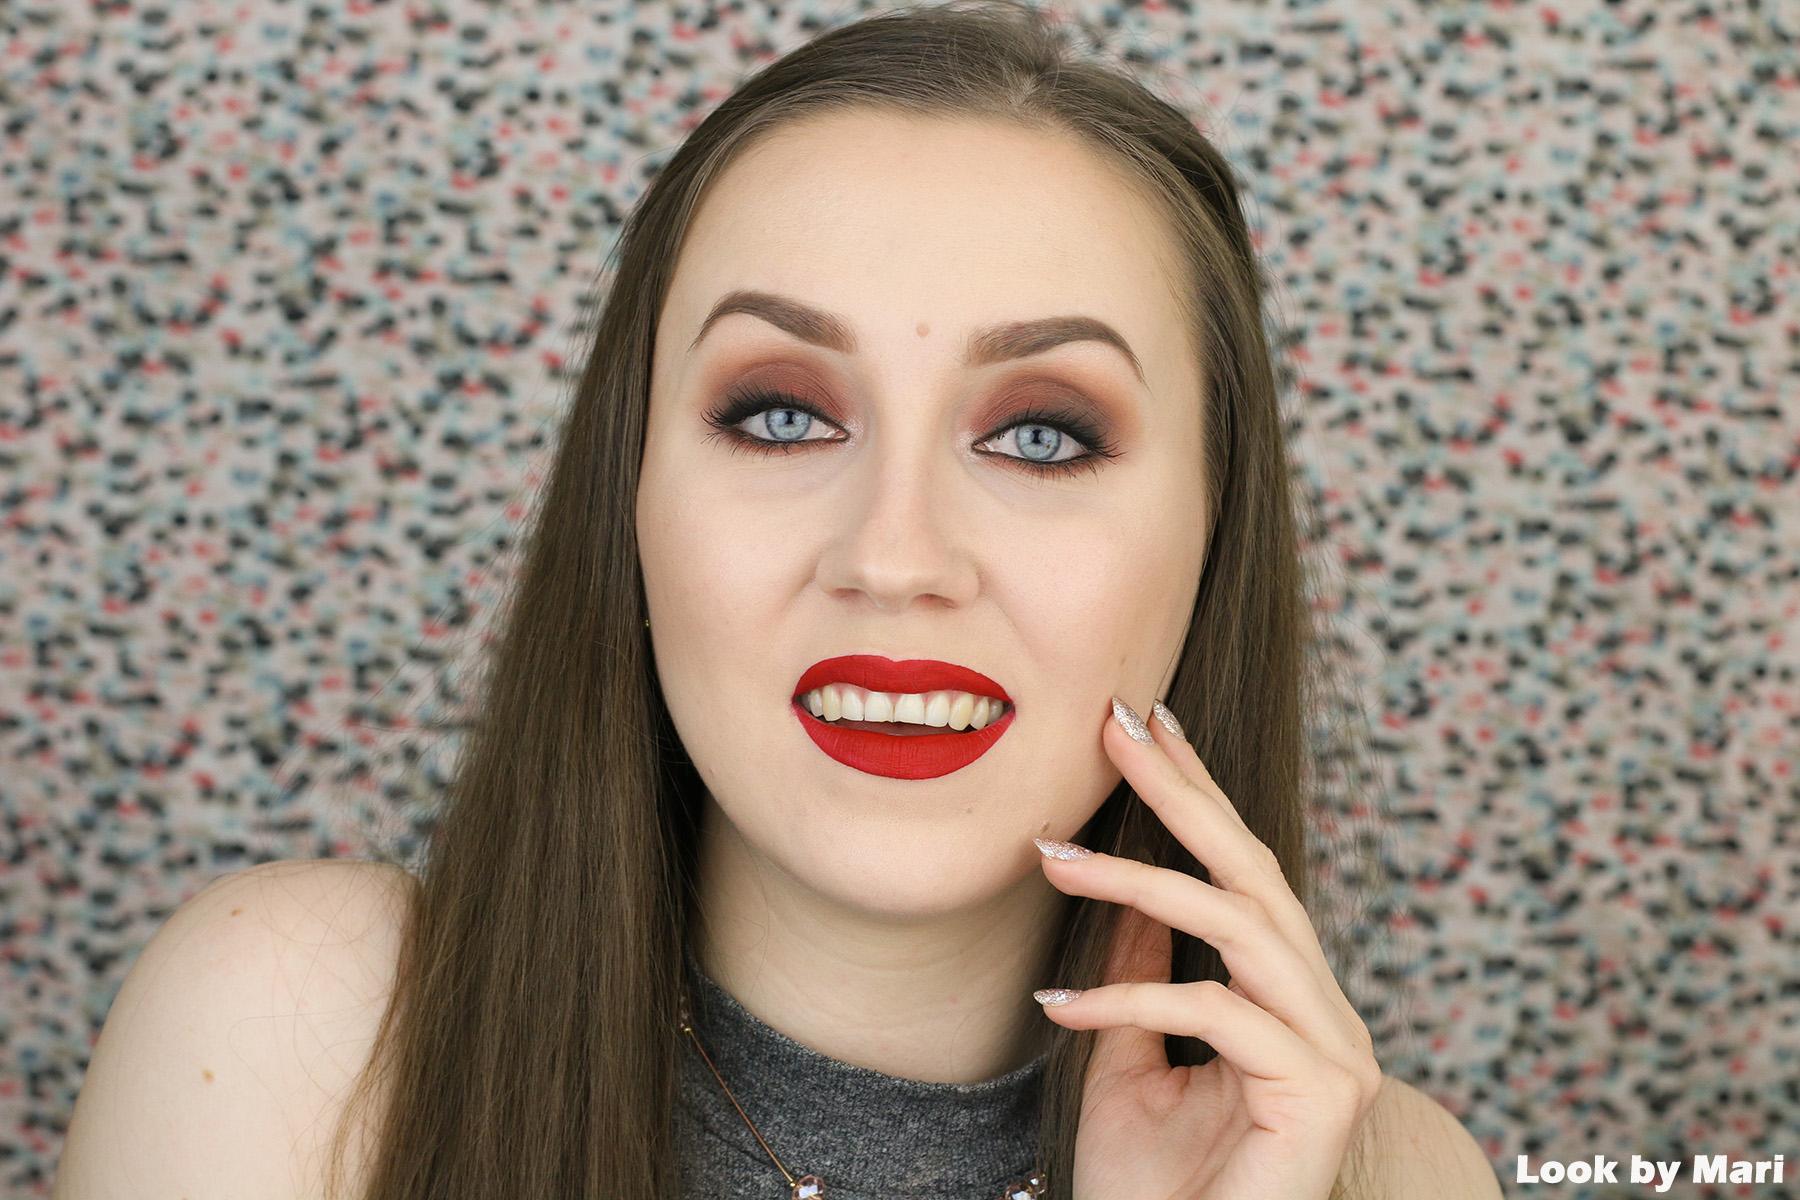 1 jeffree star redrum velour liquid lipstick swatch swatches-3